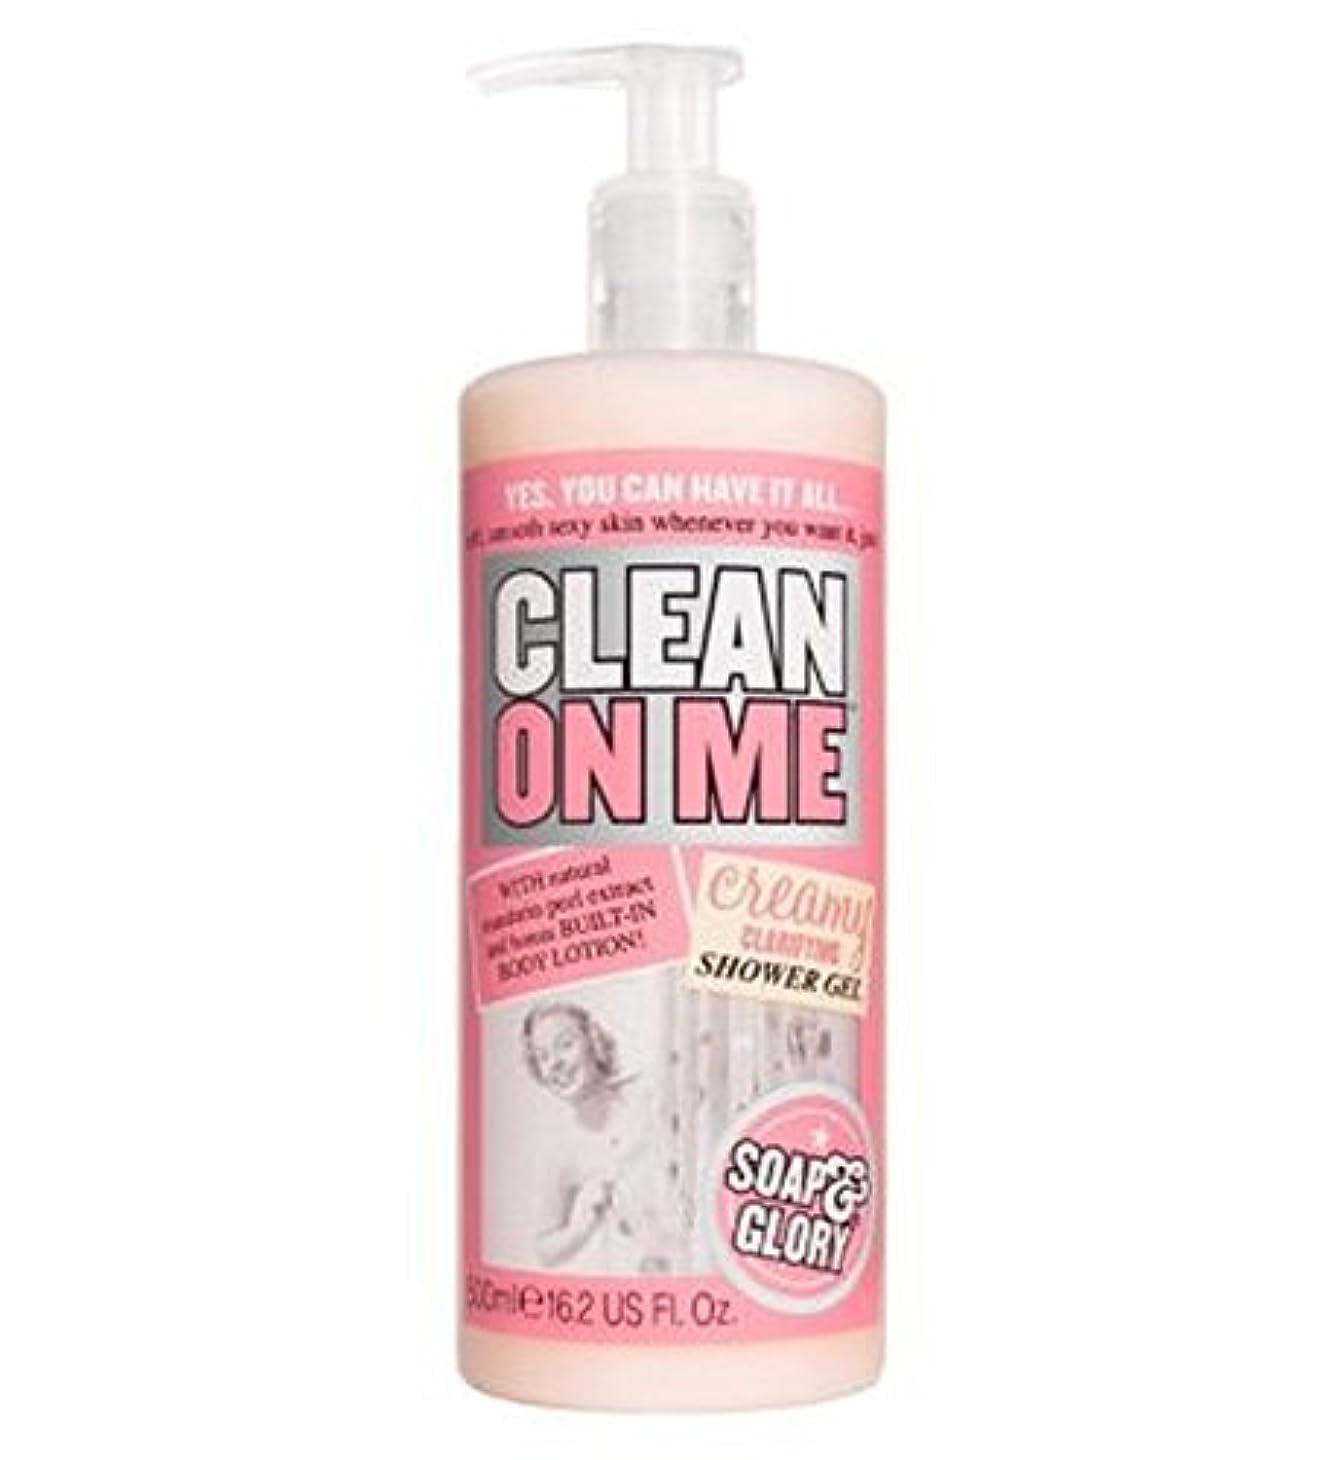 エアコンスチュワーデス打撃Soap & Glory Clean On Me Creamy Clarifying Shower Gel 500ml - 私にきれいな石鹸&栄光はシャワージェル500ミリリットルを明確にクリーミー (Soap & Glory...